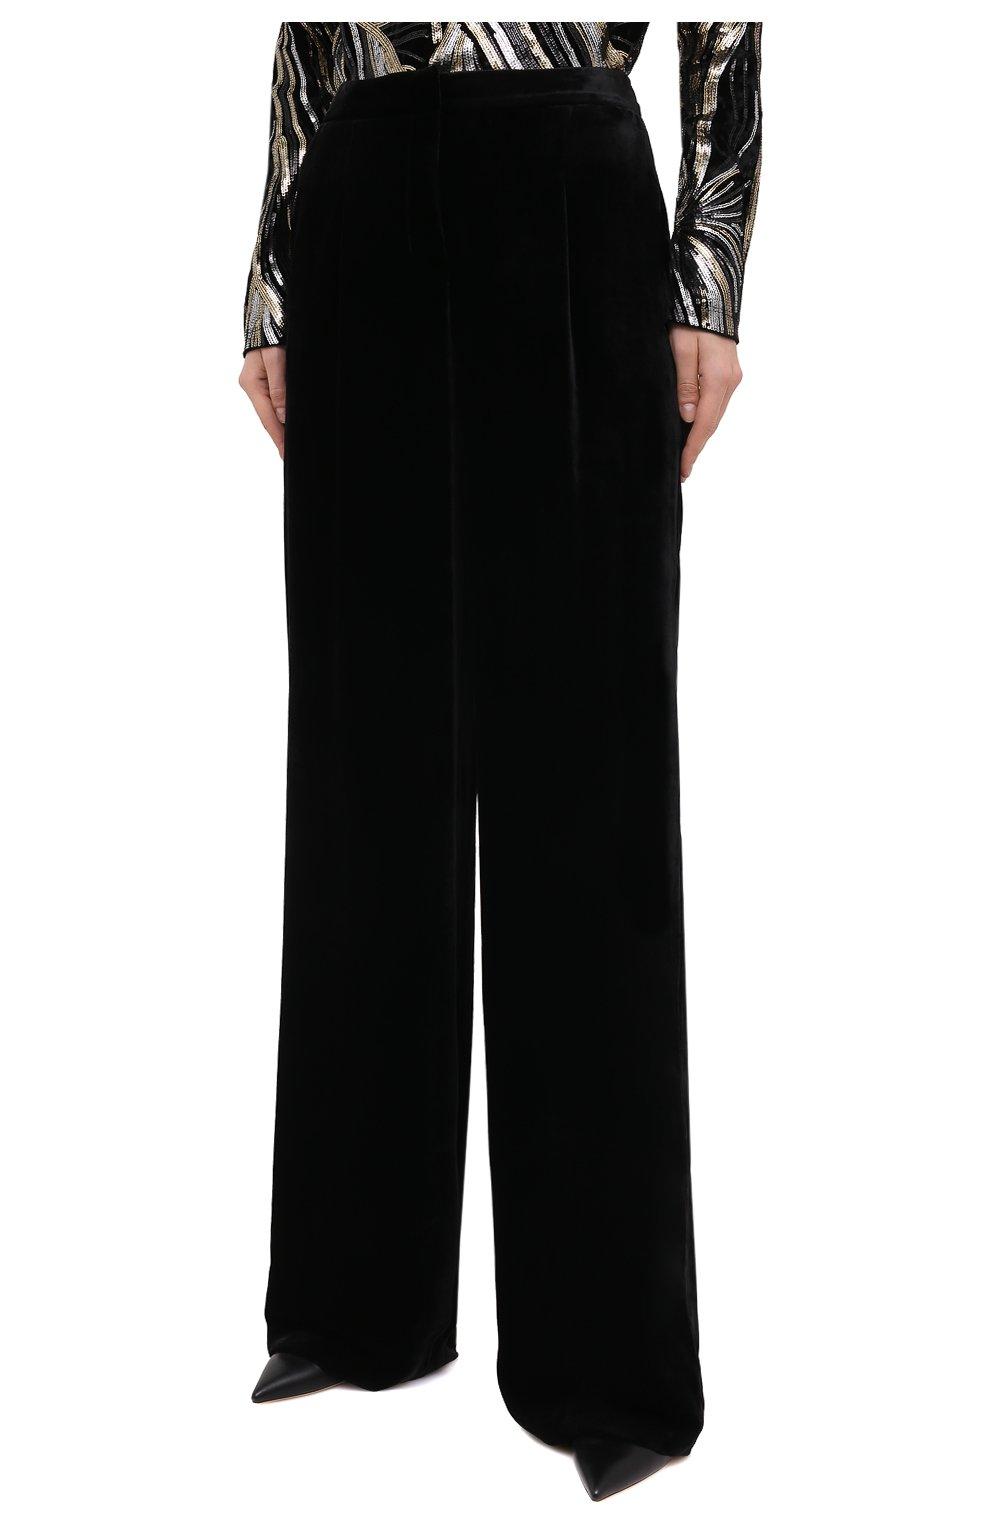 Женские брюки из вискозы и шелка ZUHAIR MURAD черного цвета, арт. TRP20340/VESB003   Фото 3 (Длина (брюки, джинсы): Удлиненные; Женское Кросс-КТ: Брюки-одежда; Силуэт Ж (брюки и джинсы): Прямые; Материал внешний: Вискоза; Стили: Романтичный)